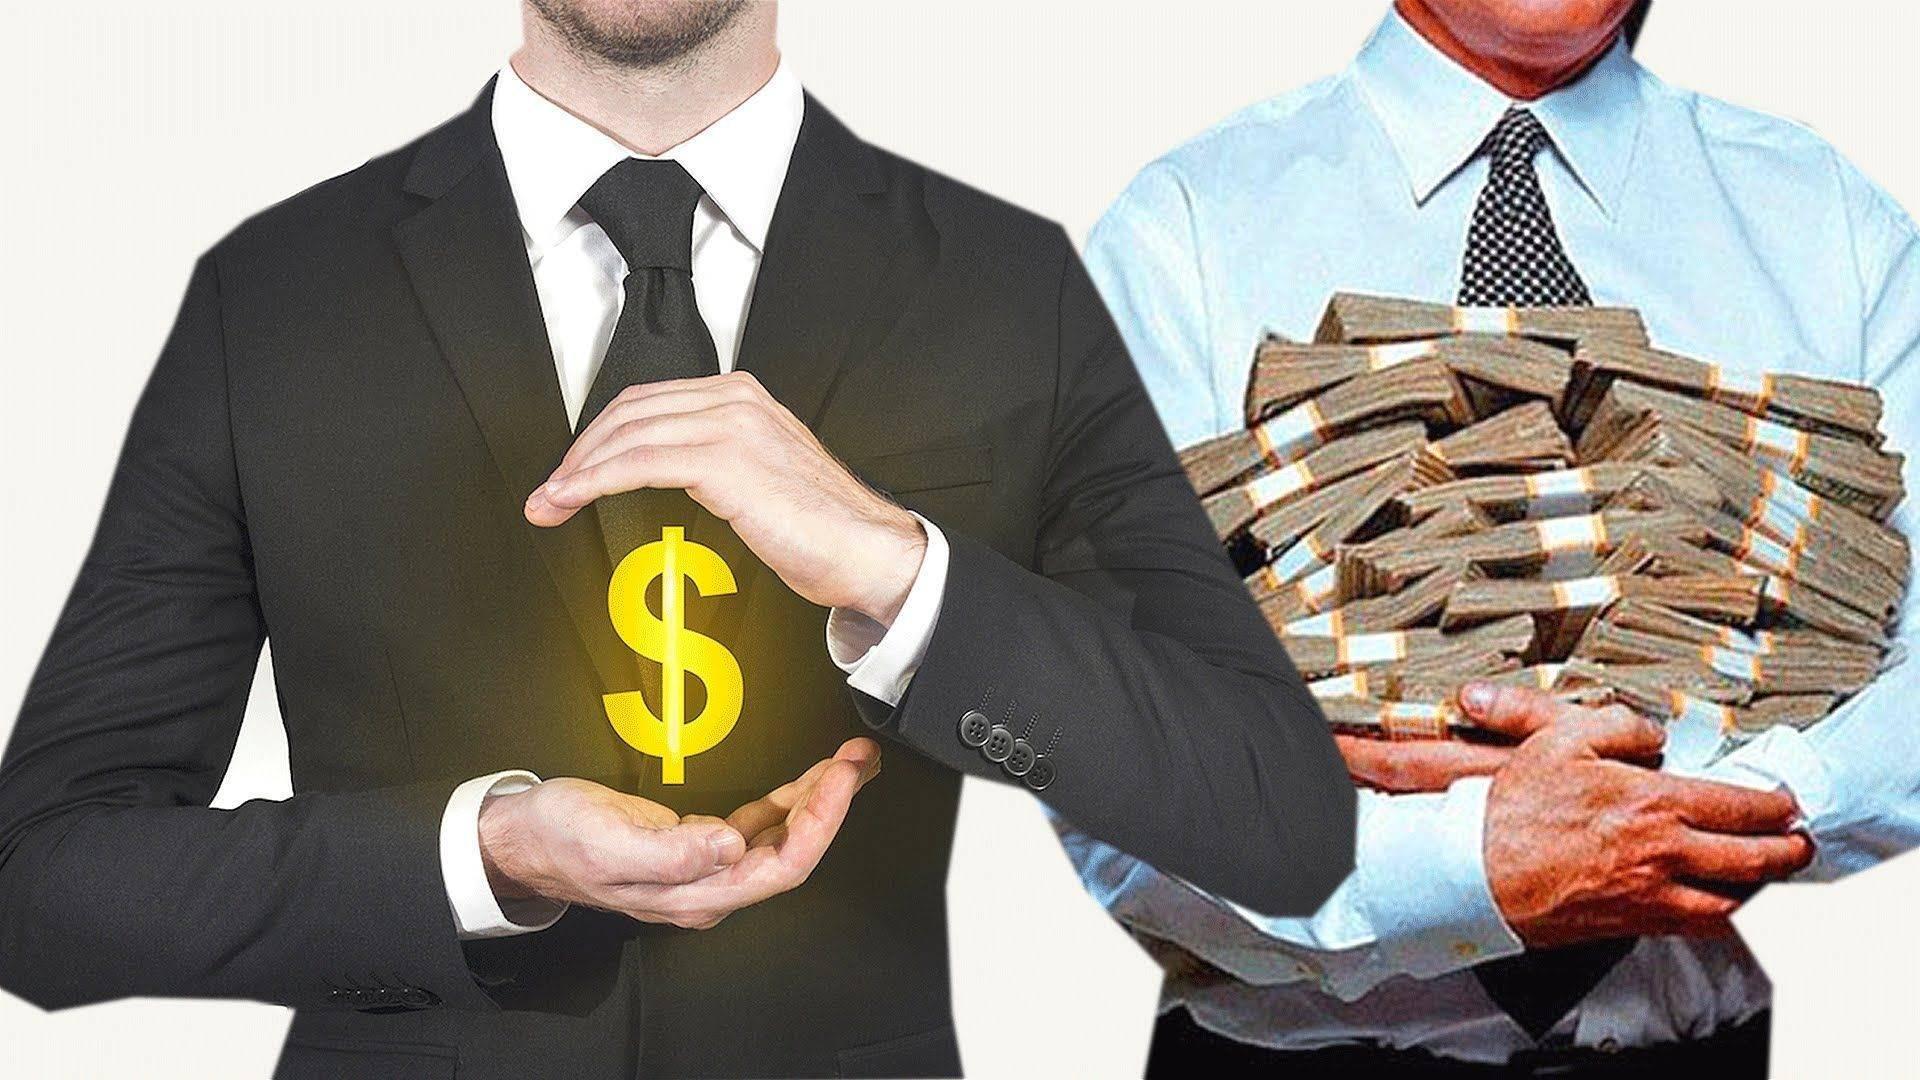 Бизнес в германии: как открыть фирму (компанию) или малое предприятие для иммиграции и получения деловой визы для русских